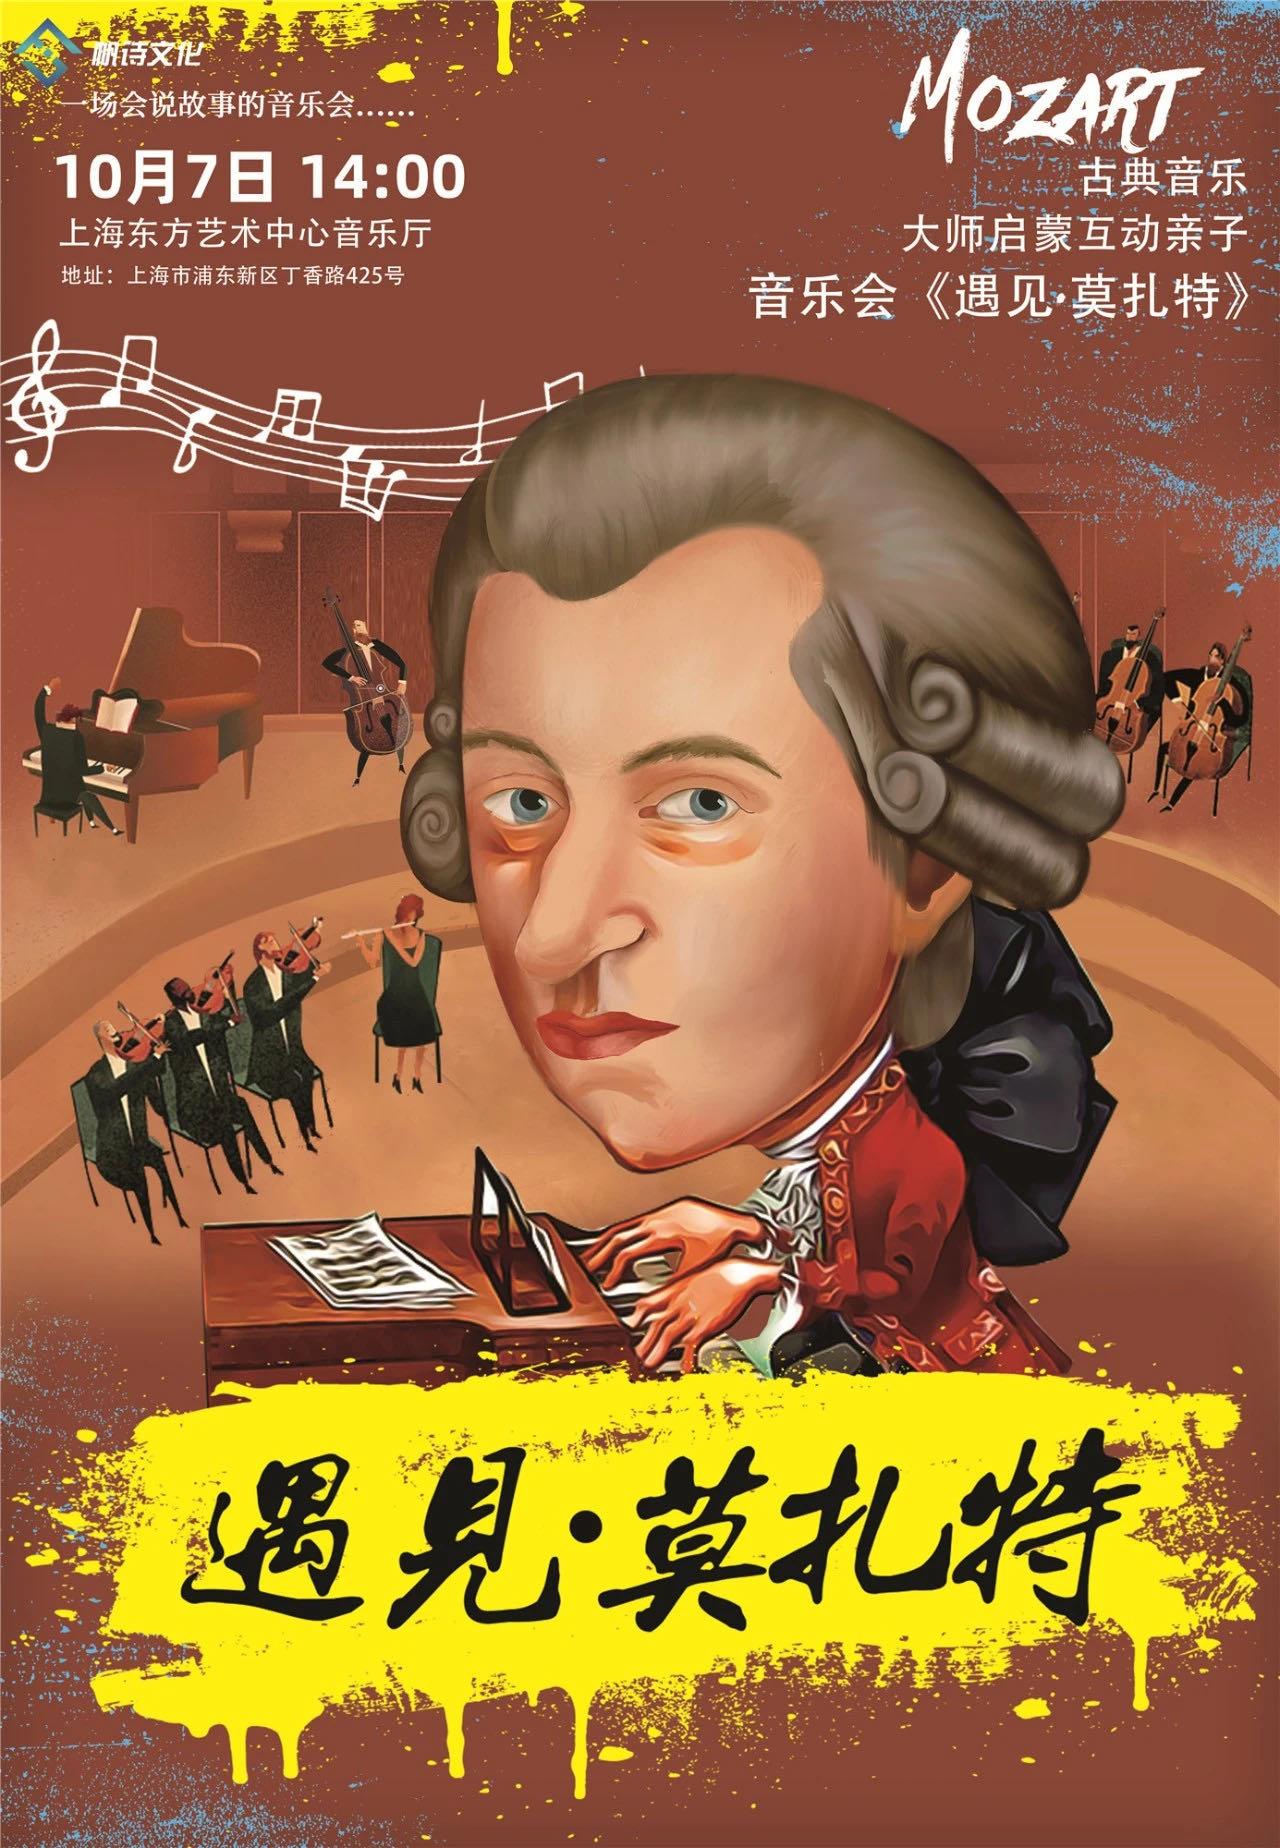 【上海】古典音乐大师启蒙互动亲子音乐会《遇见·莫扎特》